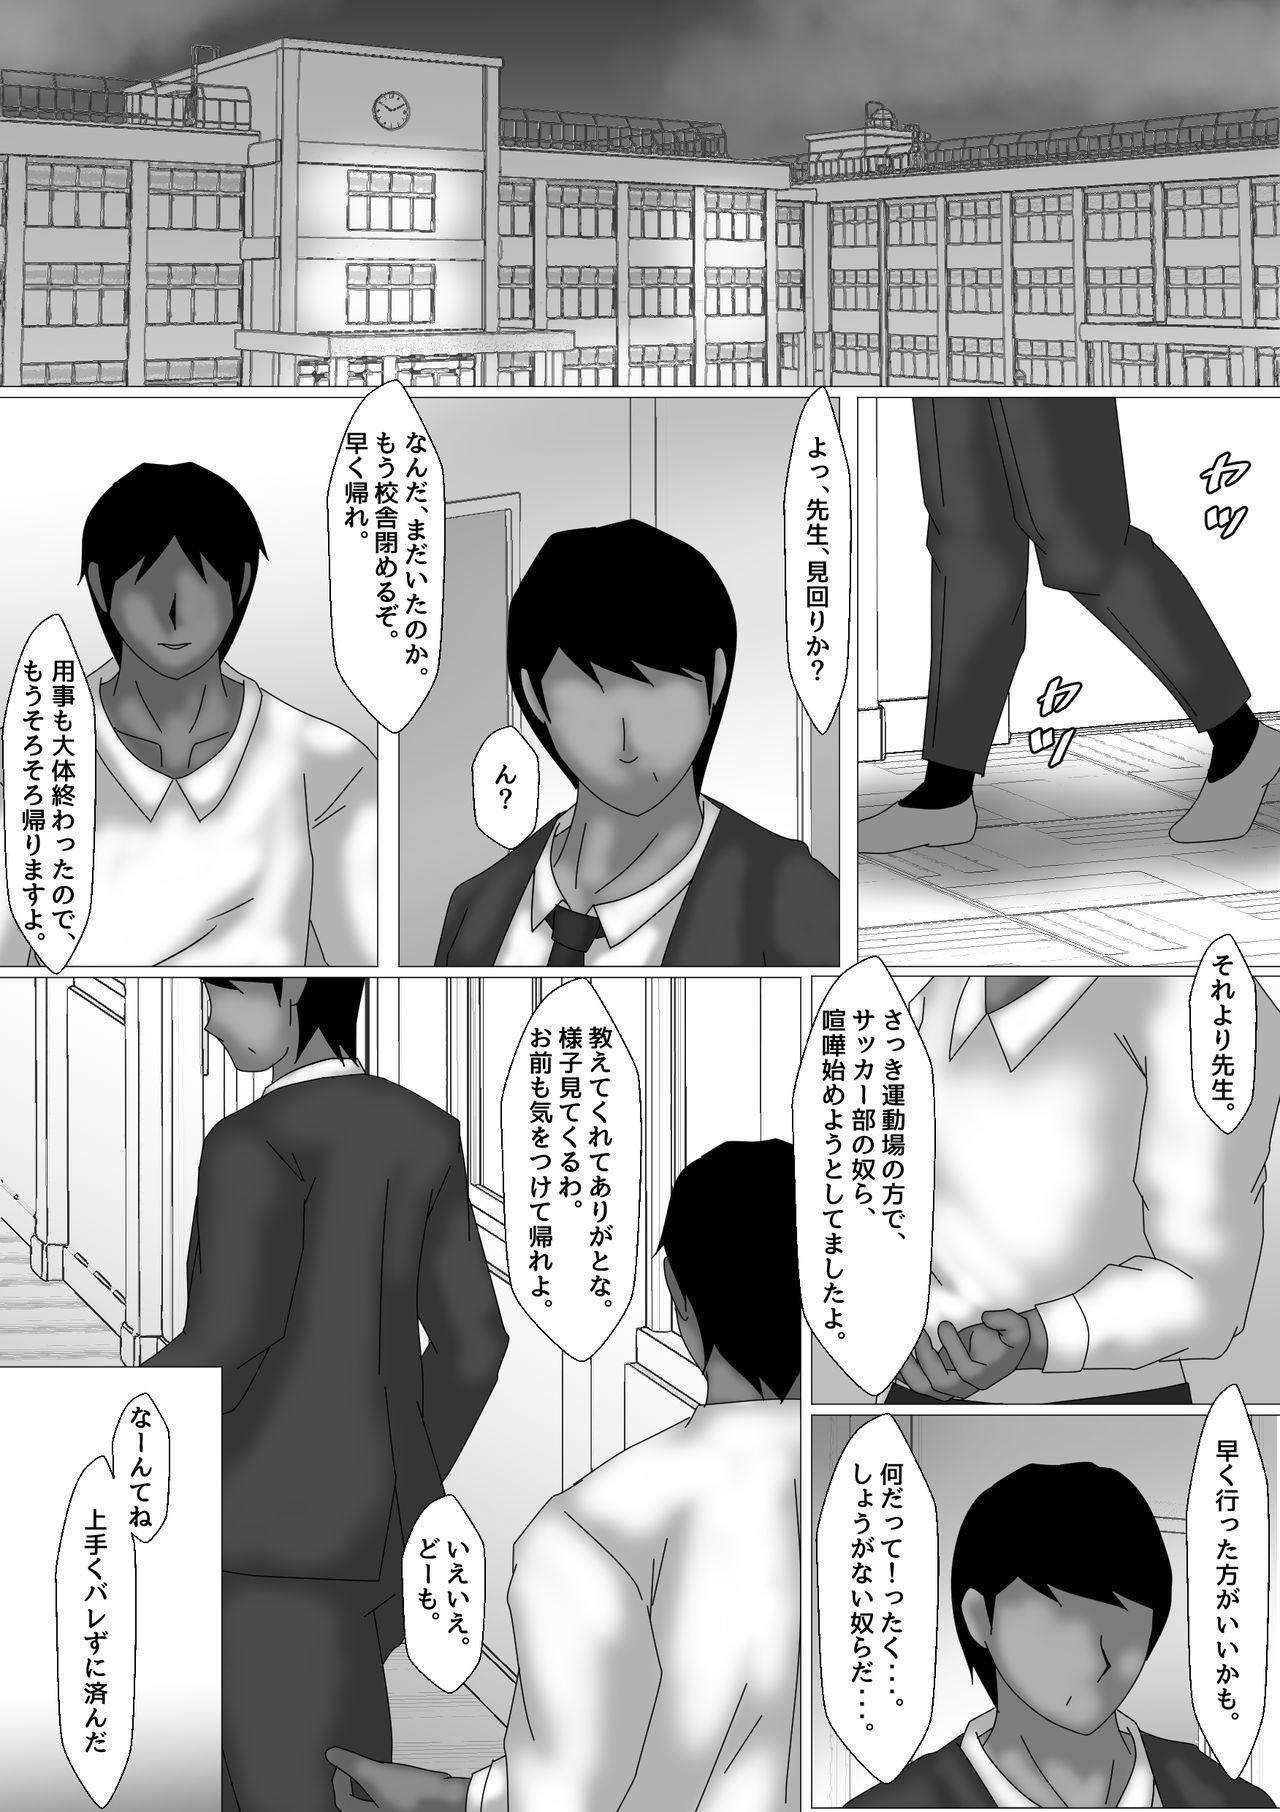 Onna Kyoushi Shinozaki Rin no Choukyou Kiroku 37